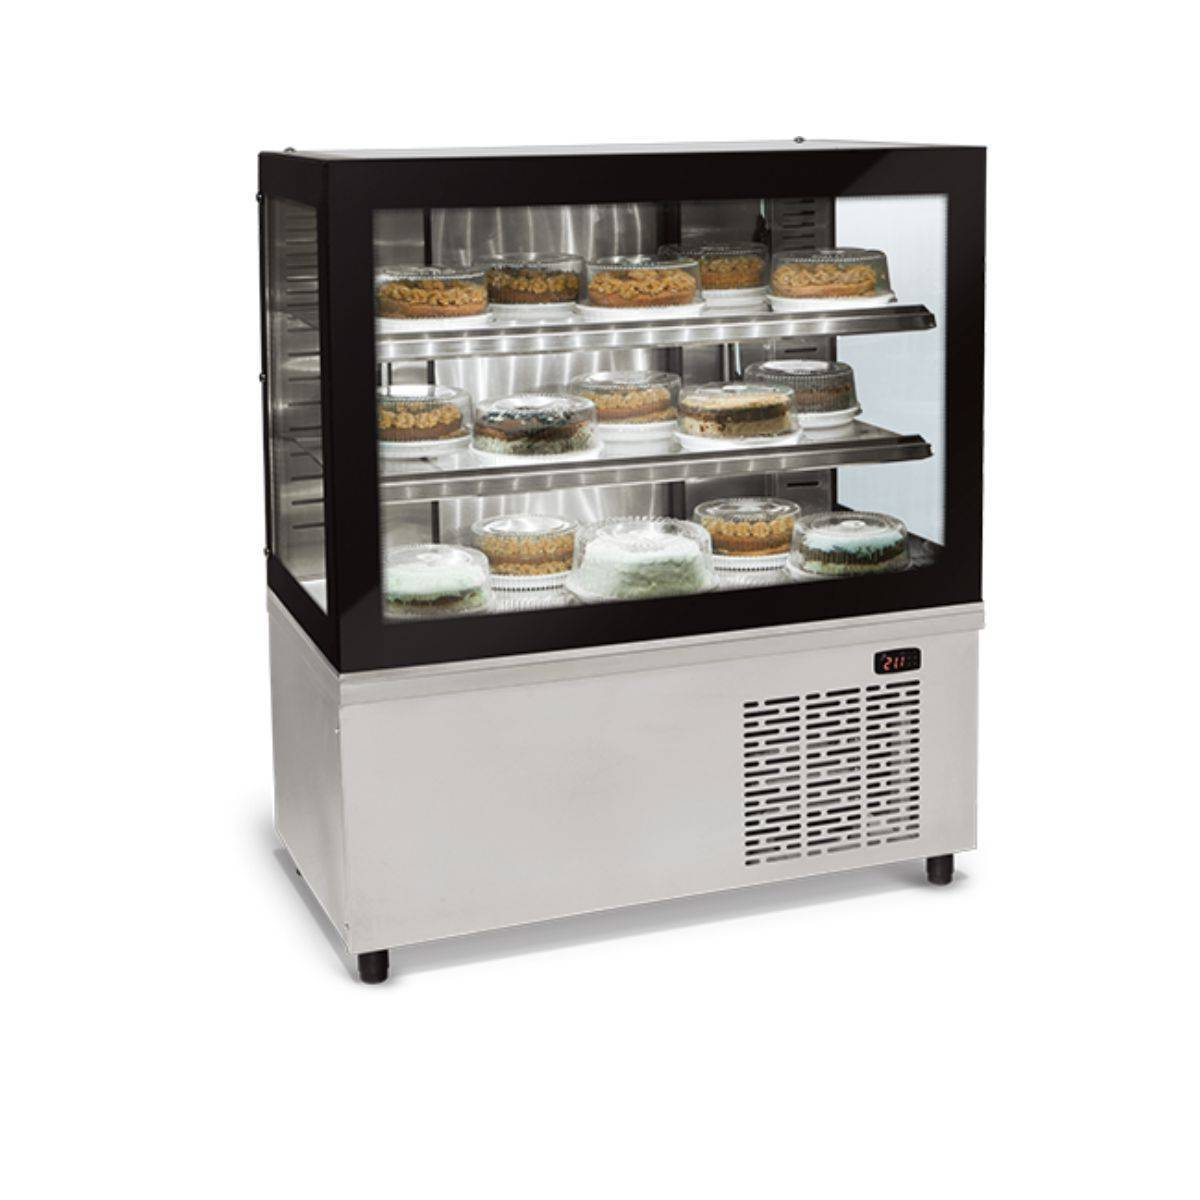 Balcão Refrigerado Vidro Reto Black Box BRX-100 Conservex - Magazine do Chef